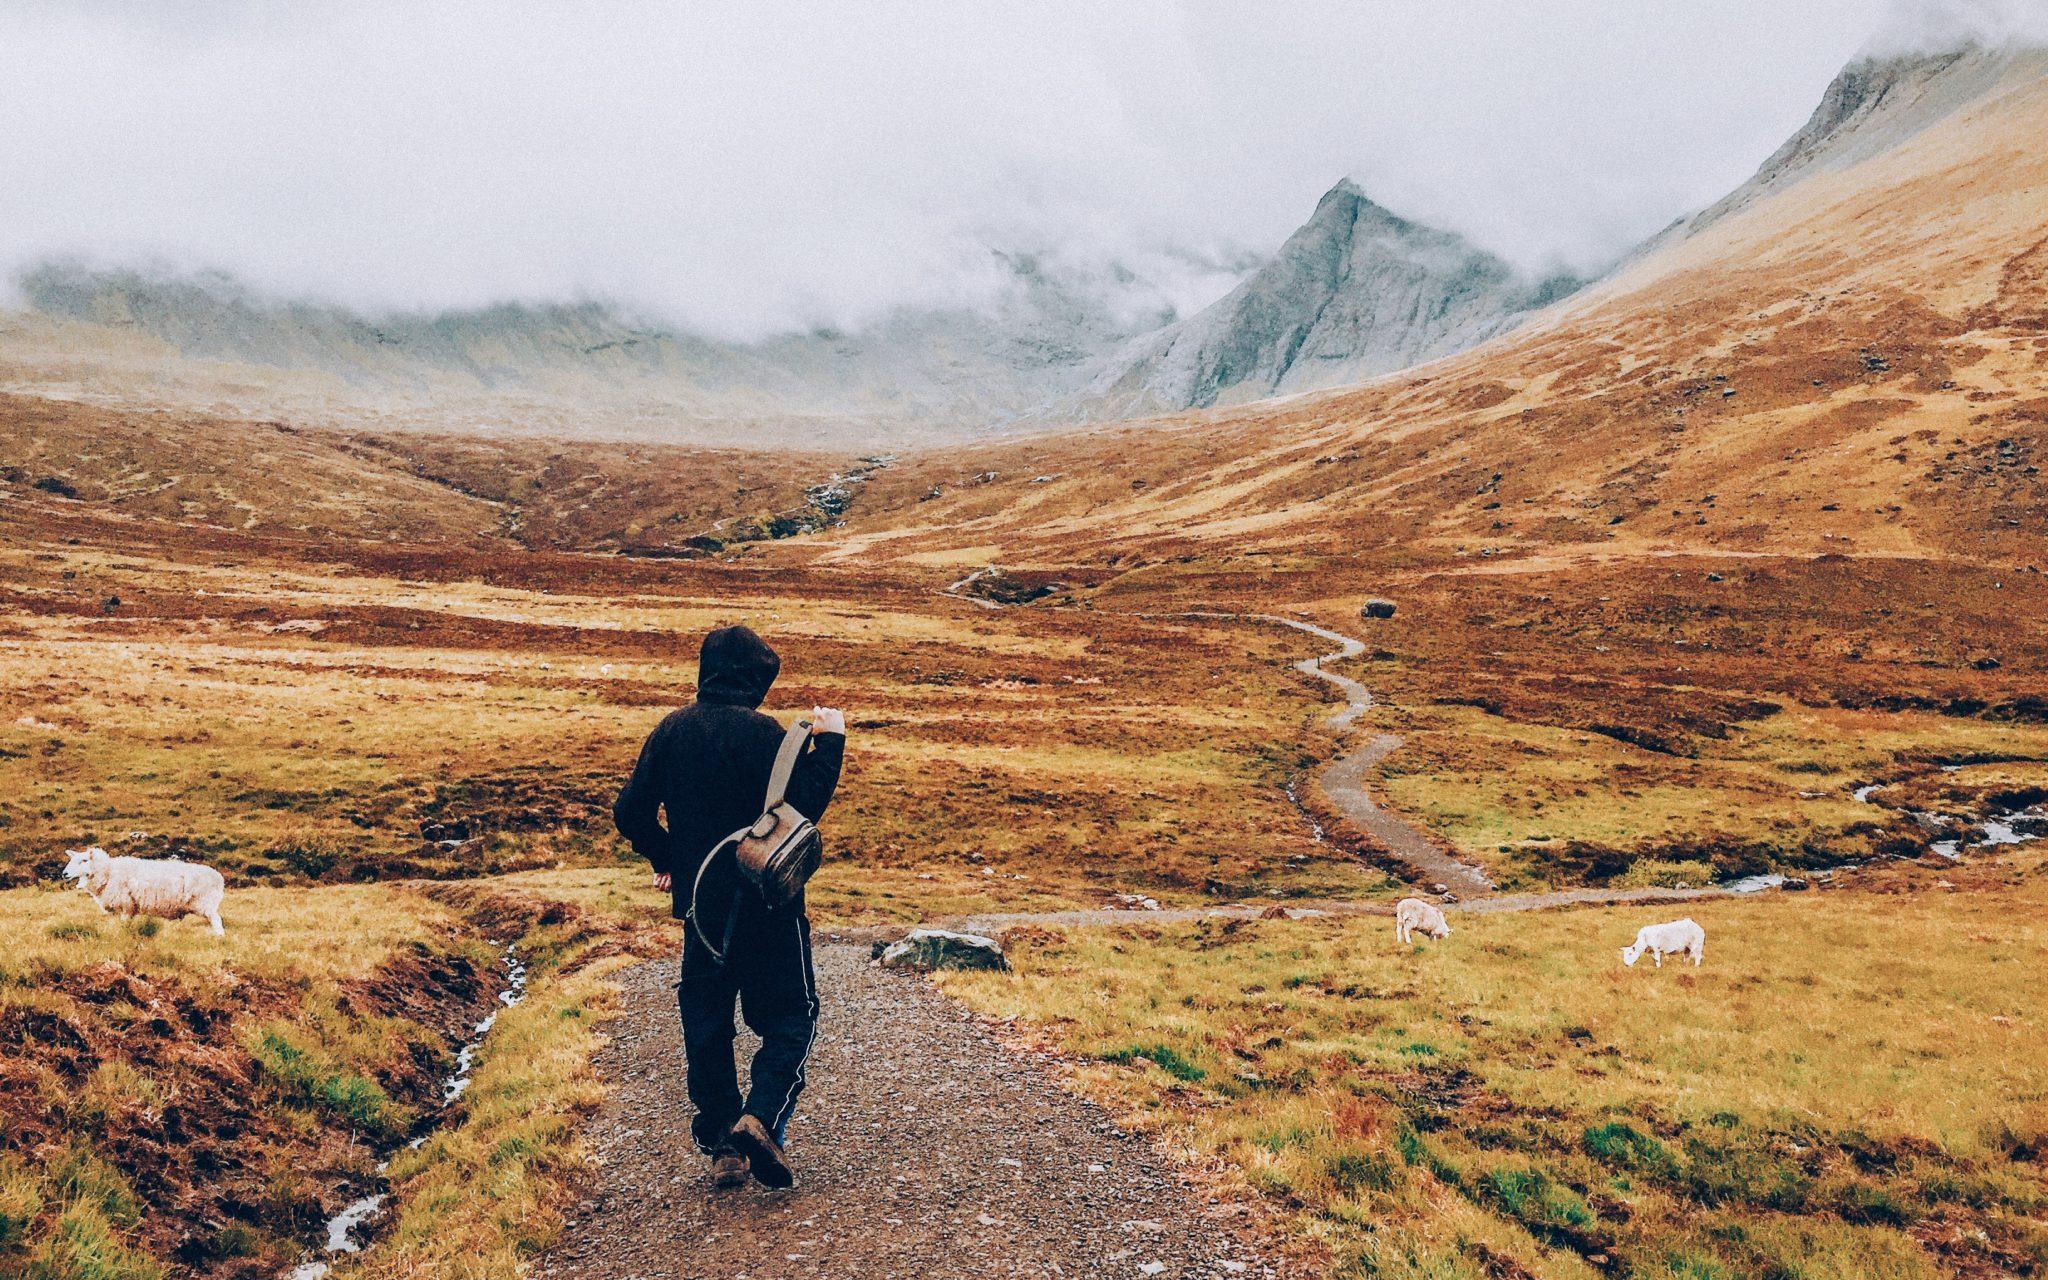 Wandering photo